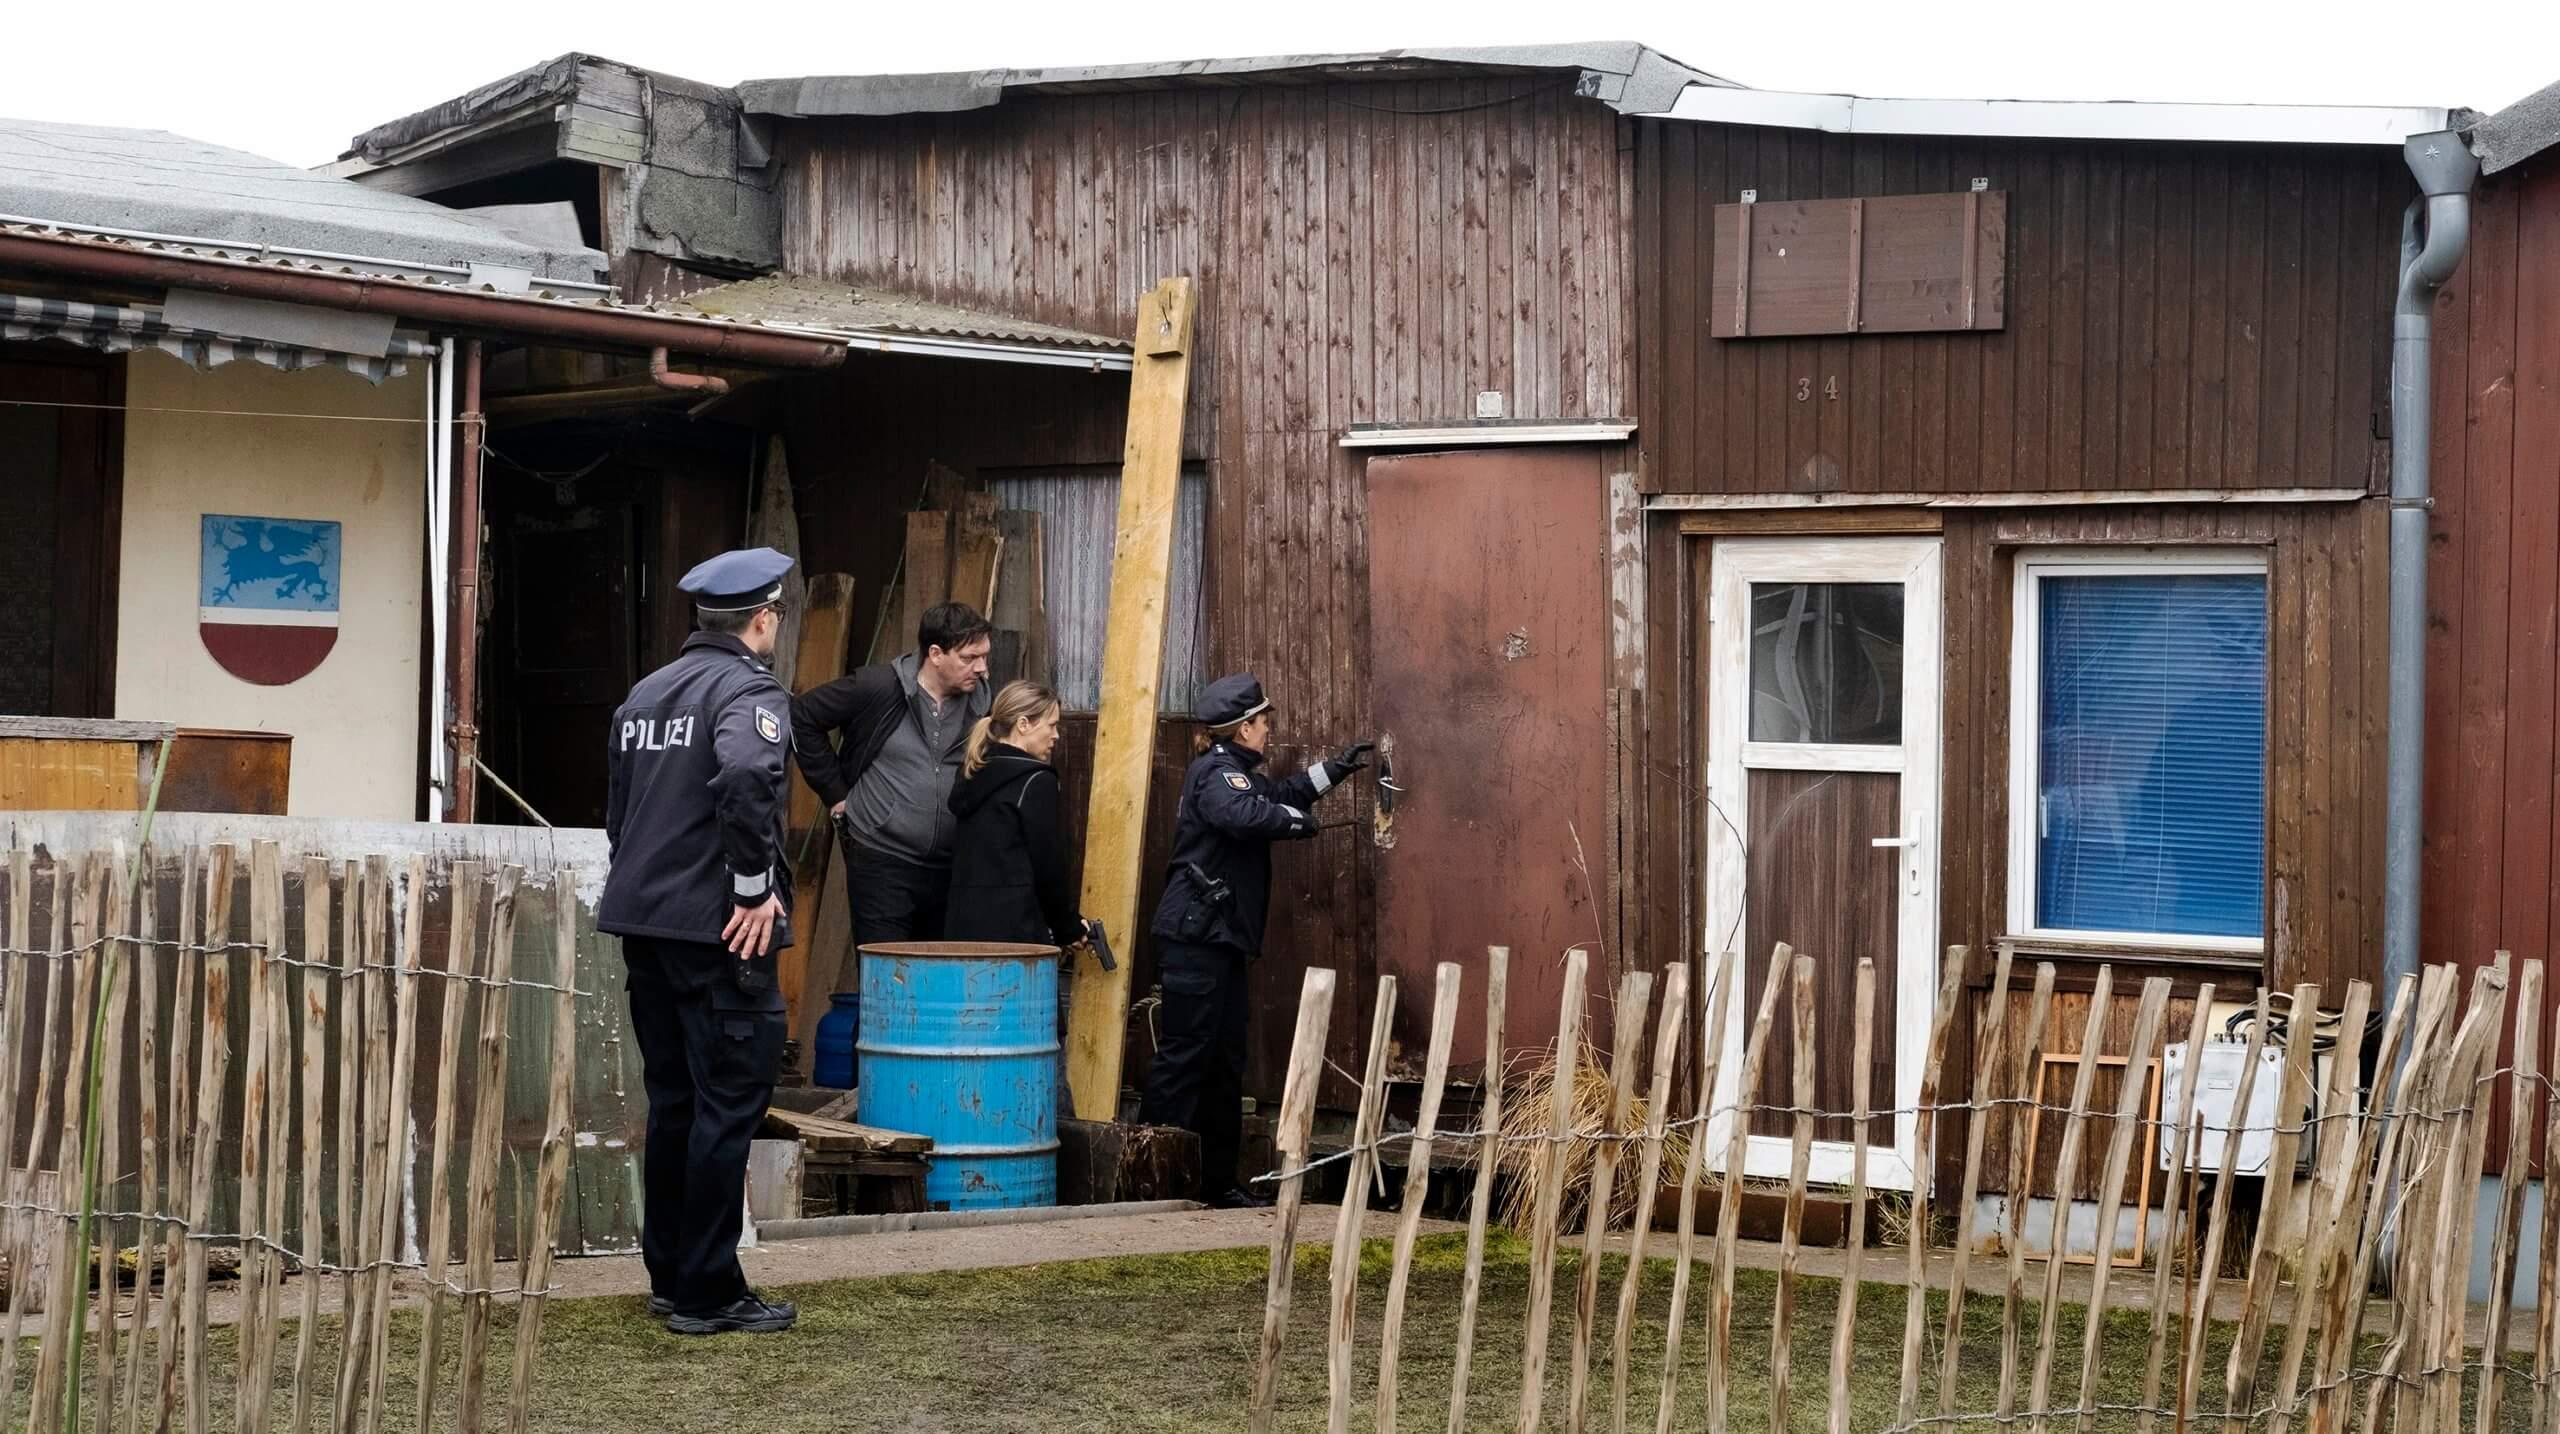 Im Bild: Die Kommissare sind Michael Norden auf der Spur. Bild: NDR/Christine Schroeder